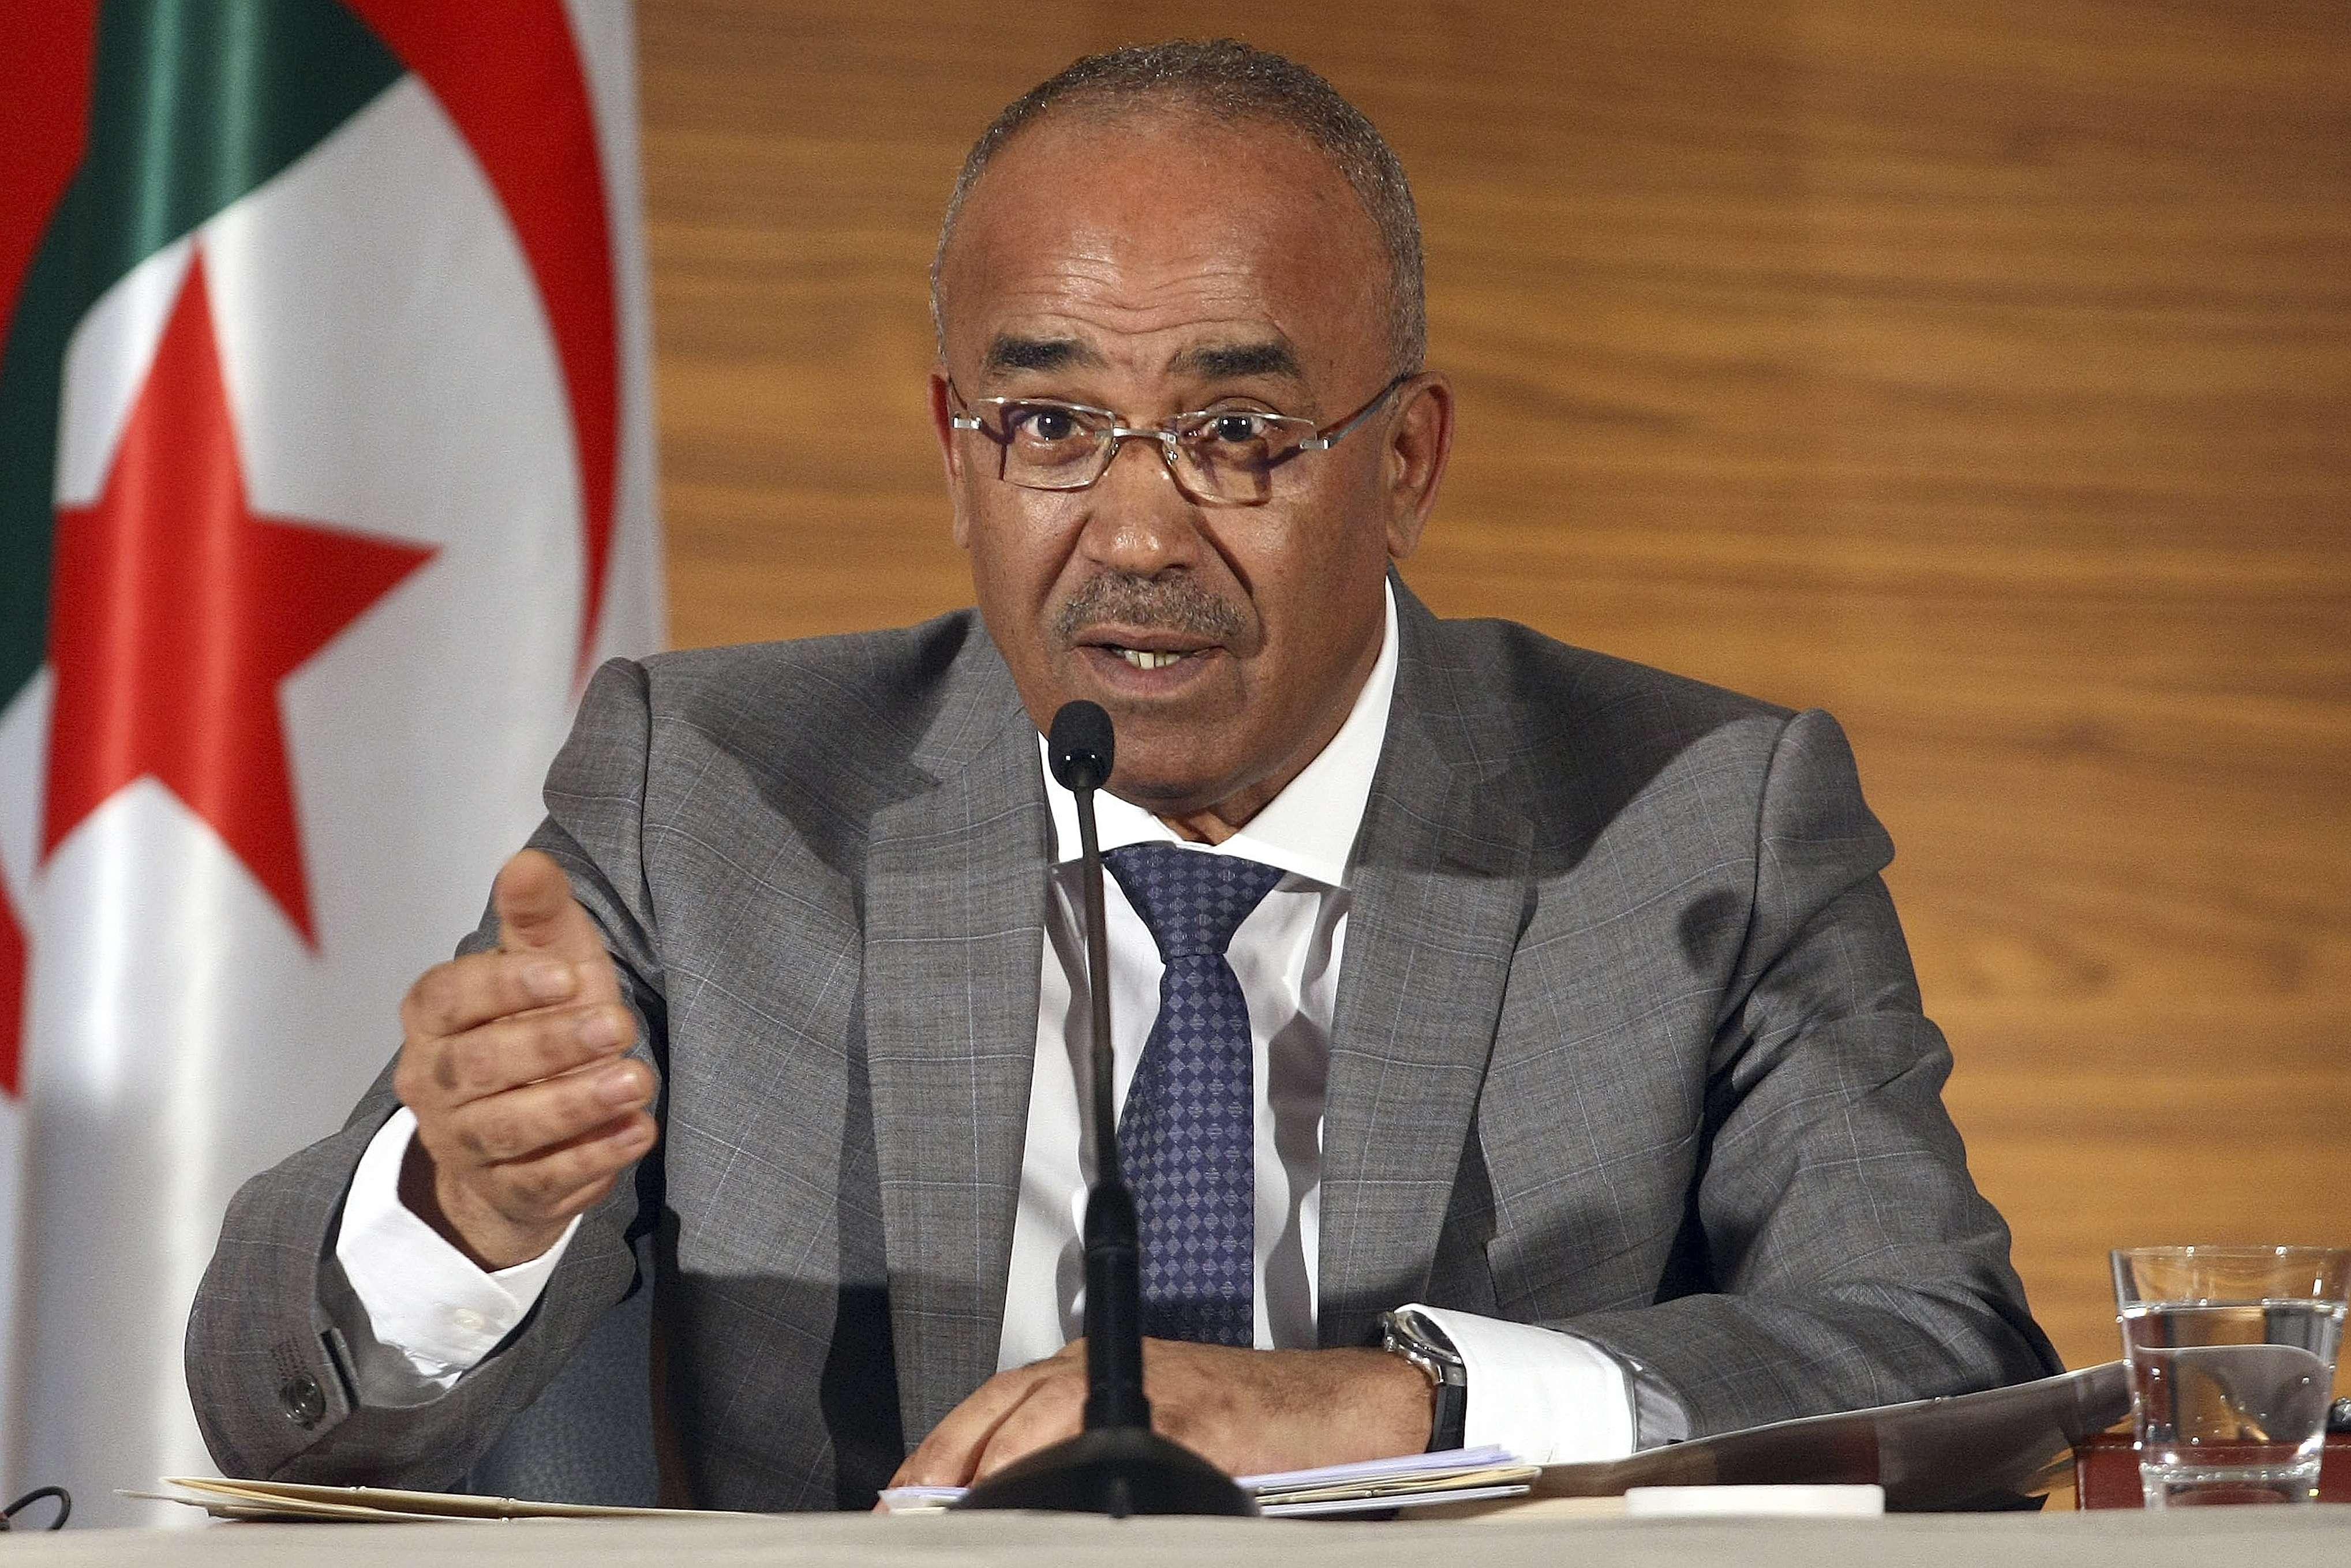 Le Premier ministre Noureddine Bedoui, le 11 mars 2019, lors d'une conférence de presse à Alger.